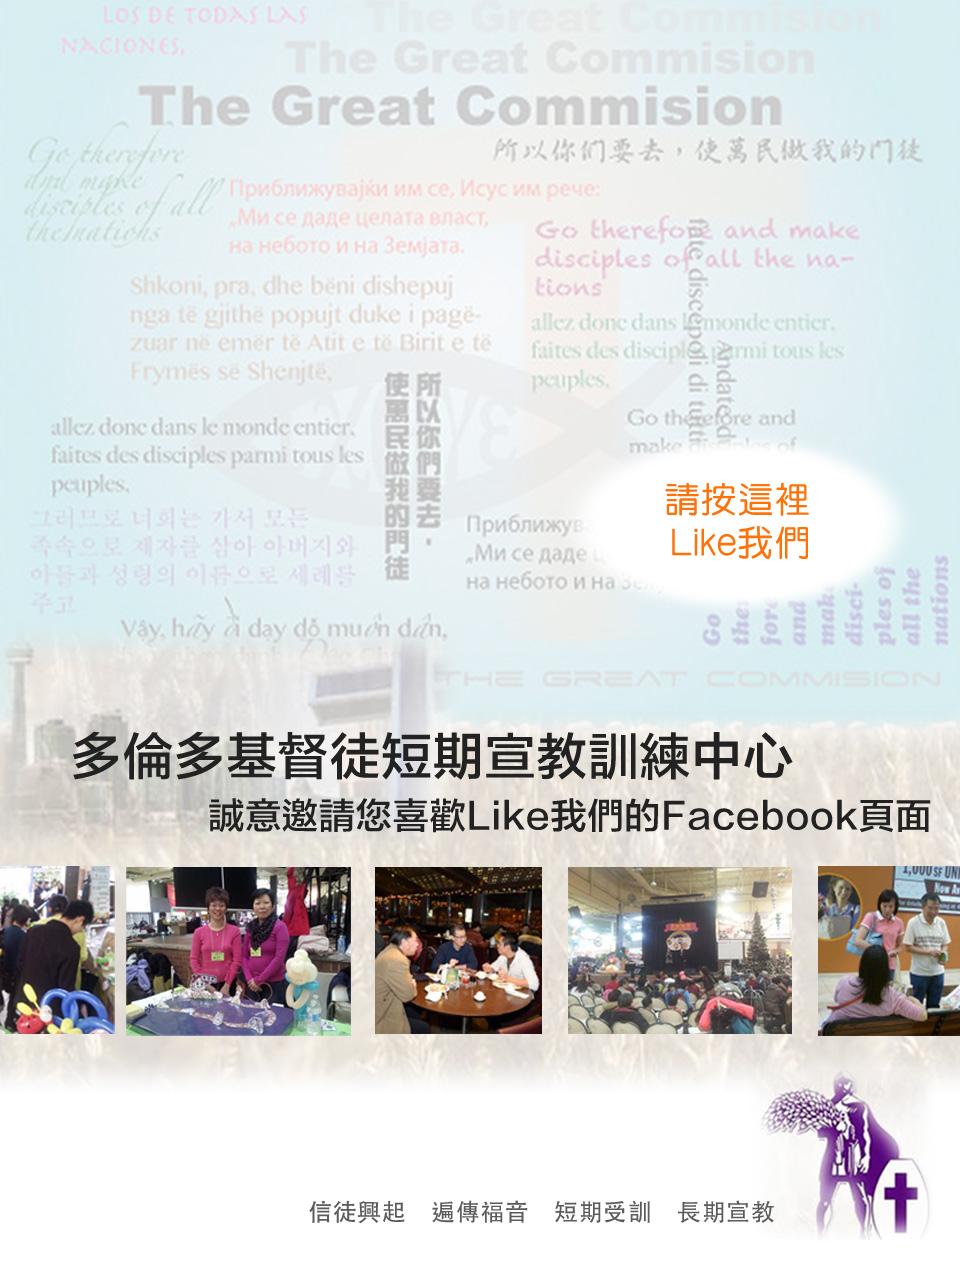 tstm_facebook_invitation